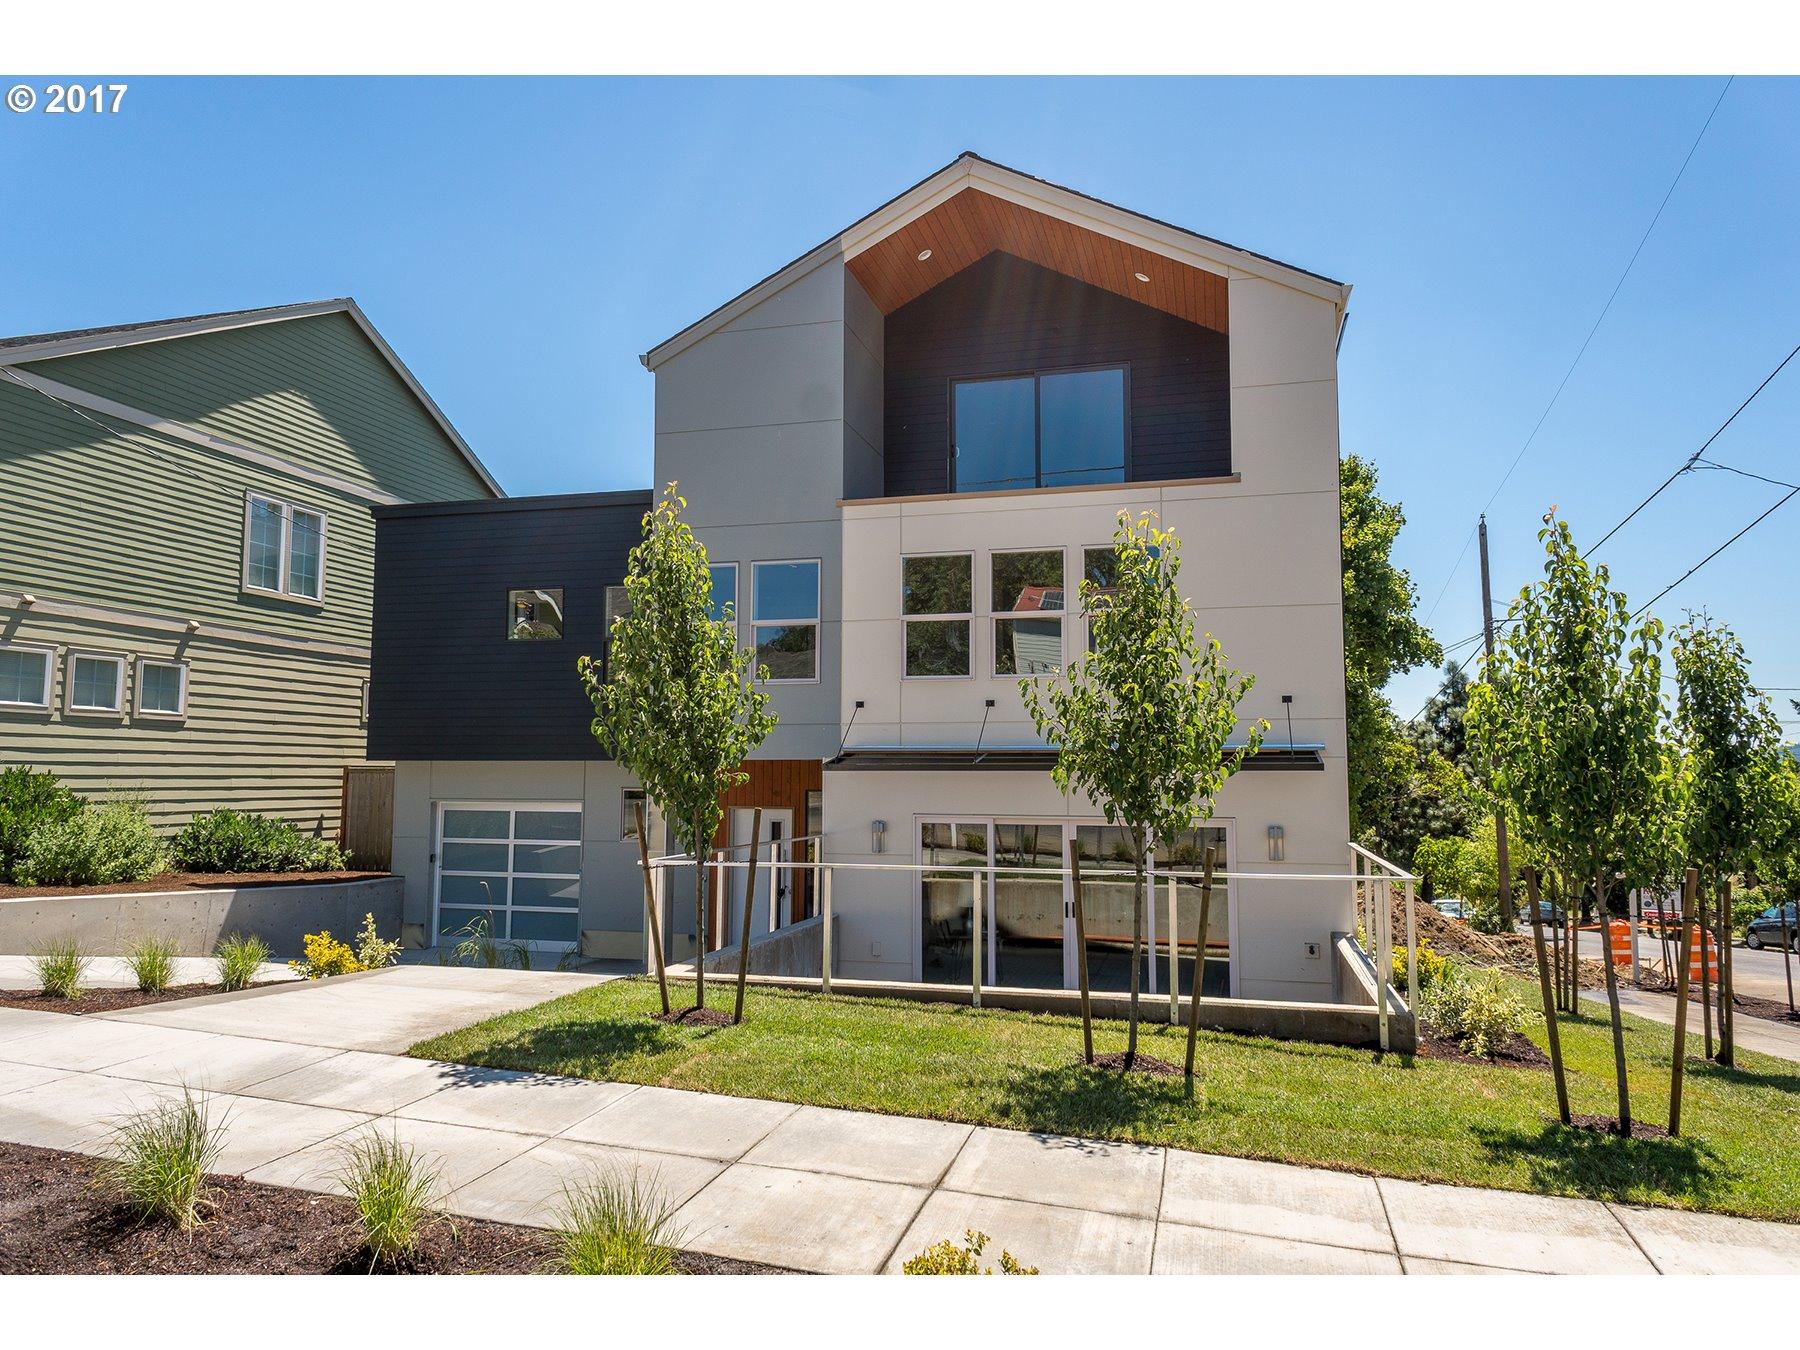 1508 NE SKIDMORE ST, Portland OR 97211